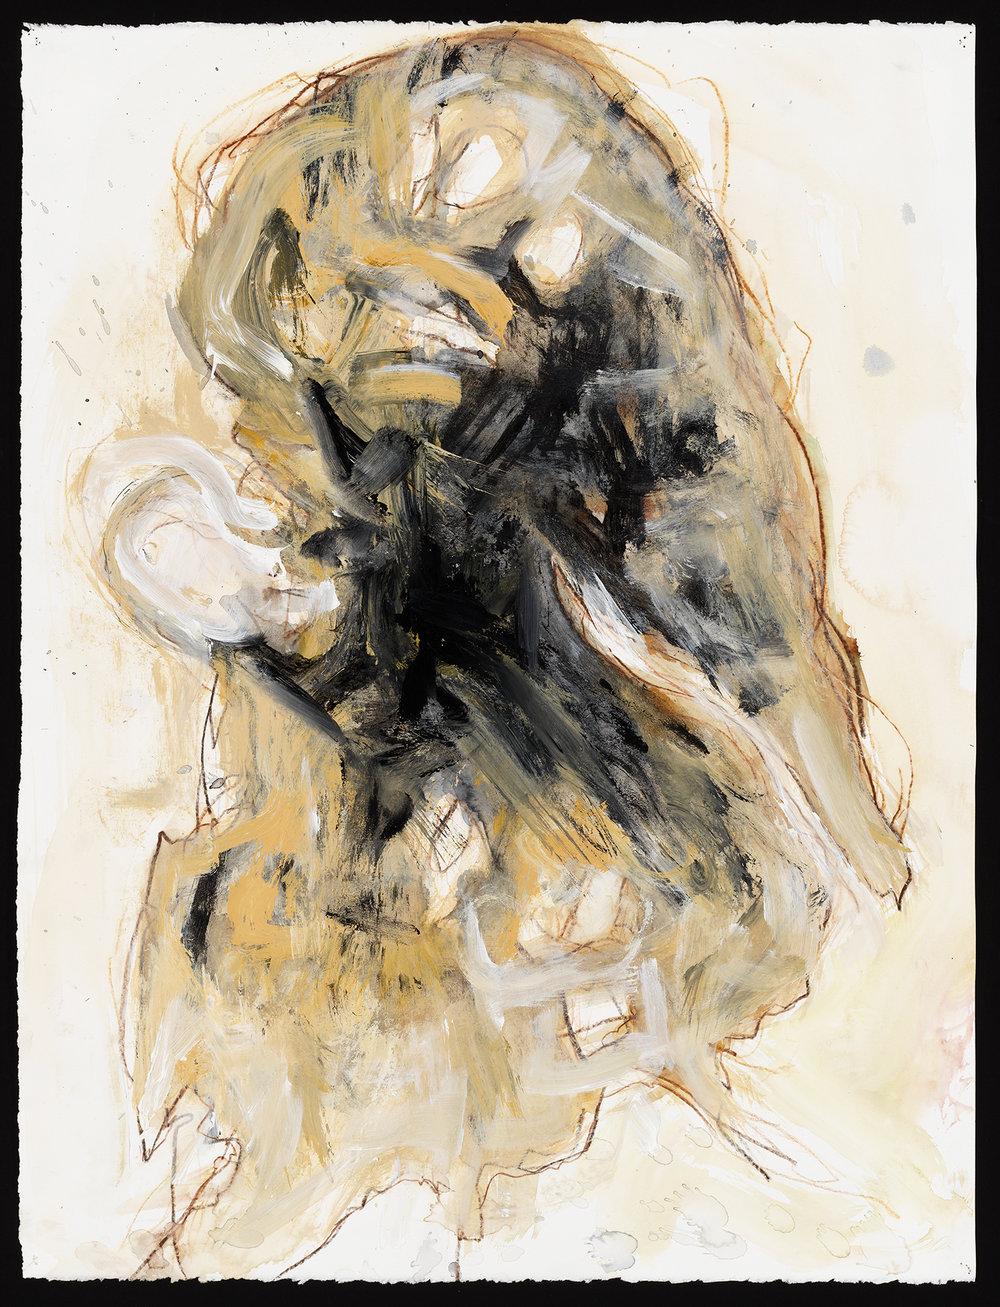 Beige and Black Drawing (2).jpg